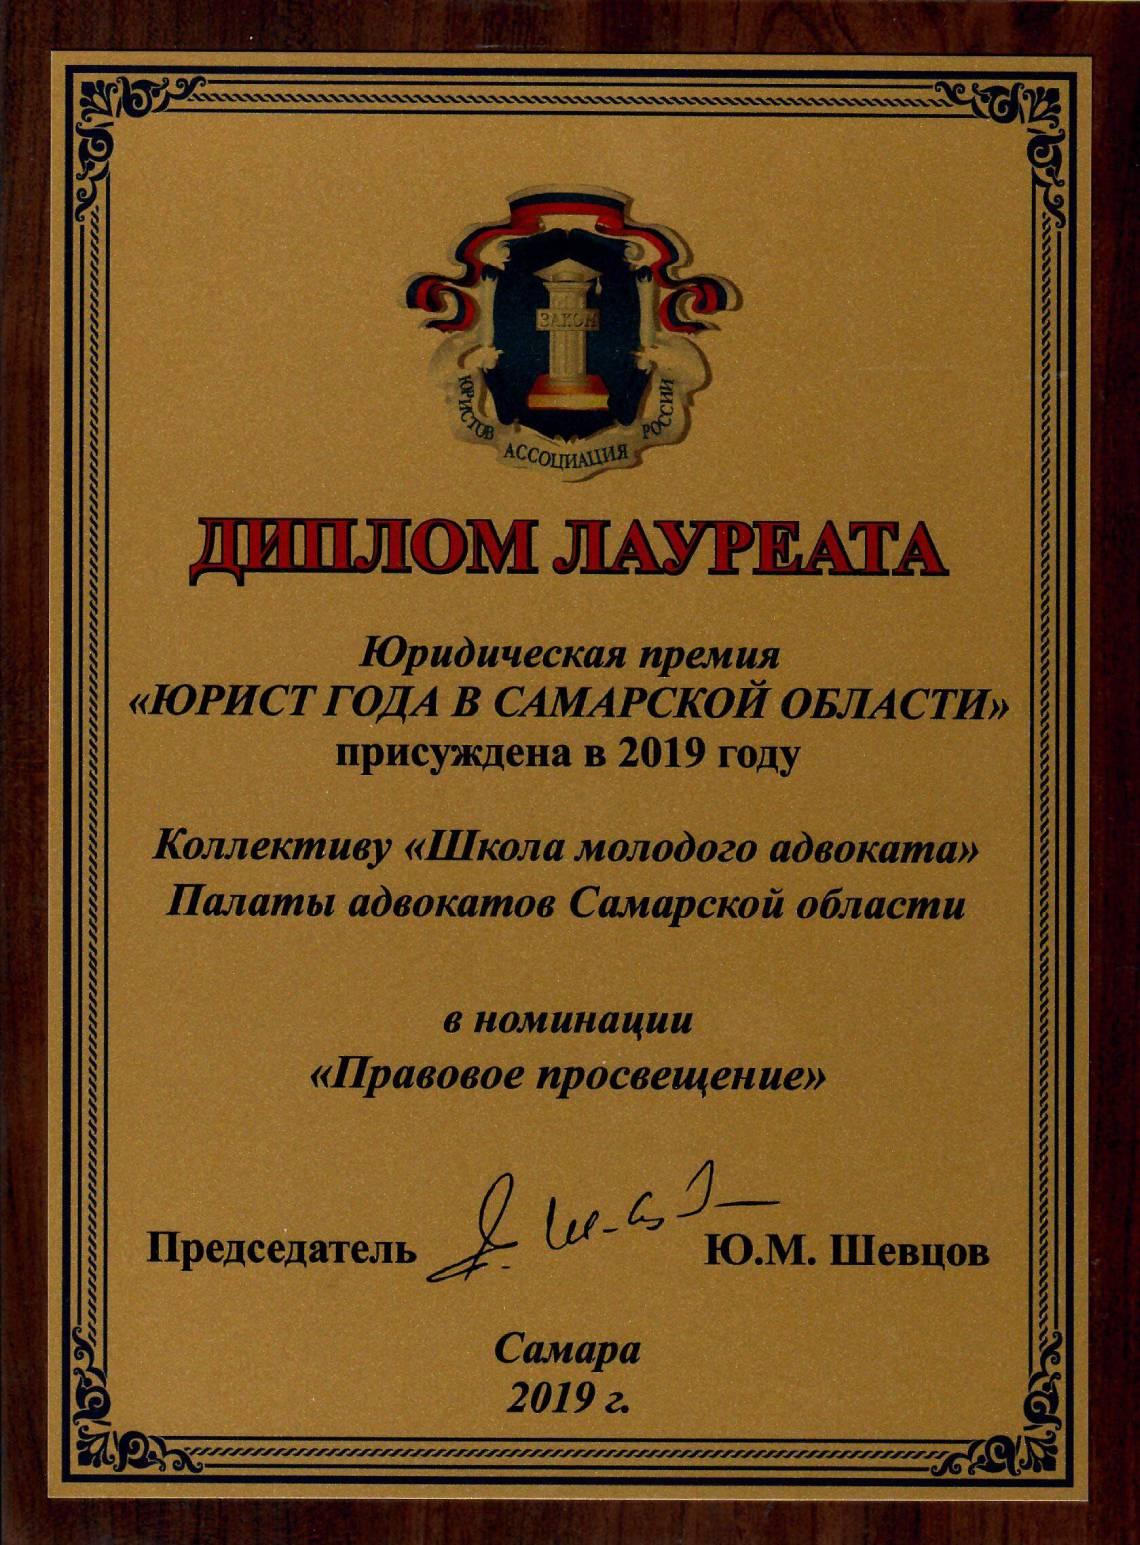 2019 юрист года в Самарской области